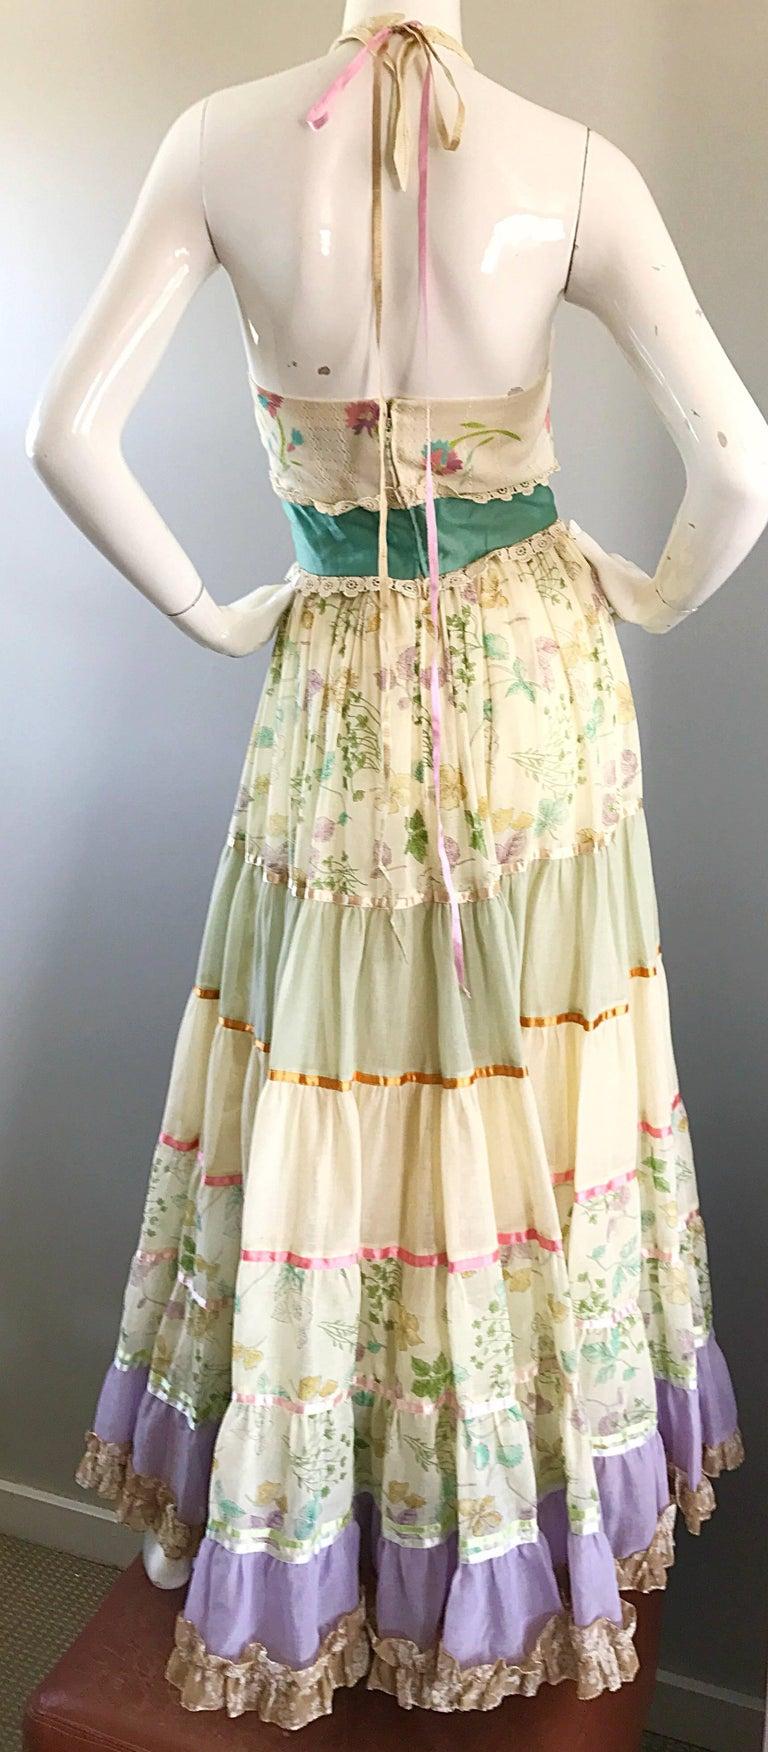 Giorgio di Sant Angelo 1970s Rare Colorful Cotton Voile Vintage 70s Maxi Dress For Sale 3